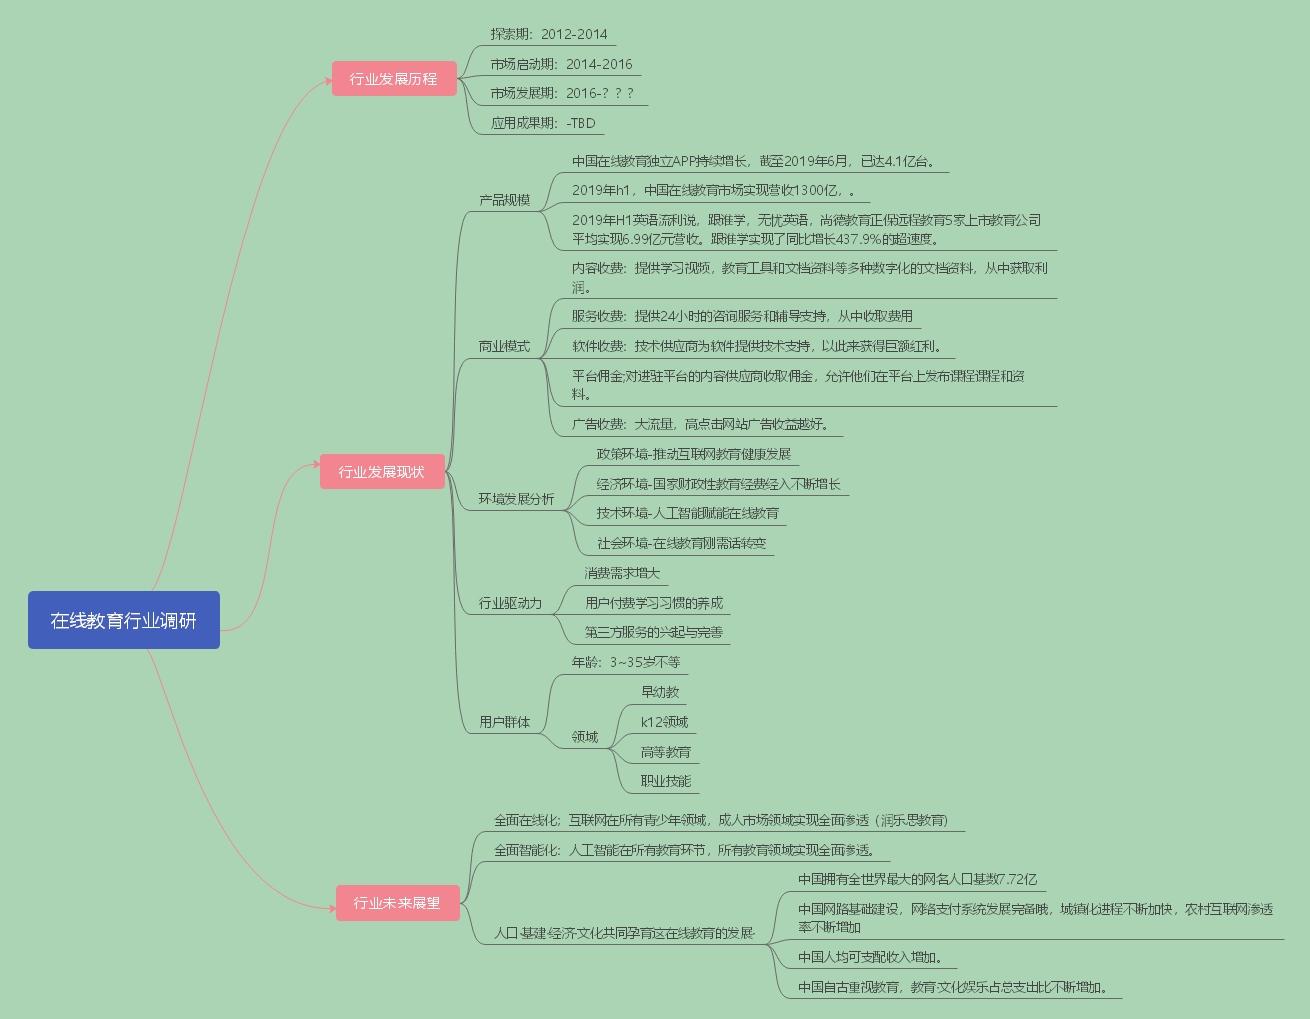 在线教育行业分析(思维导图).jpg